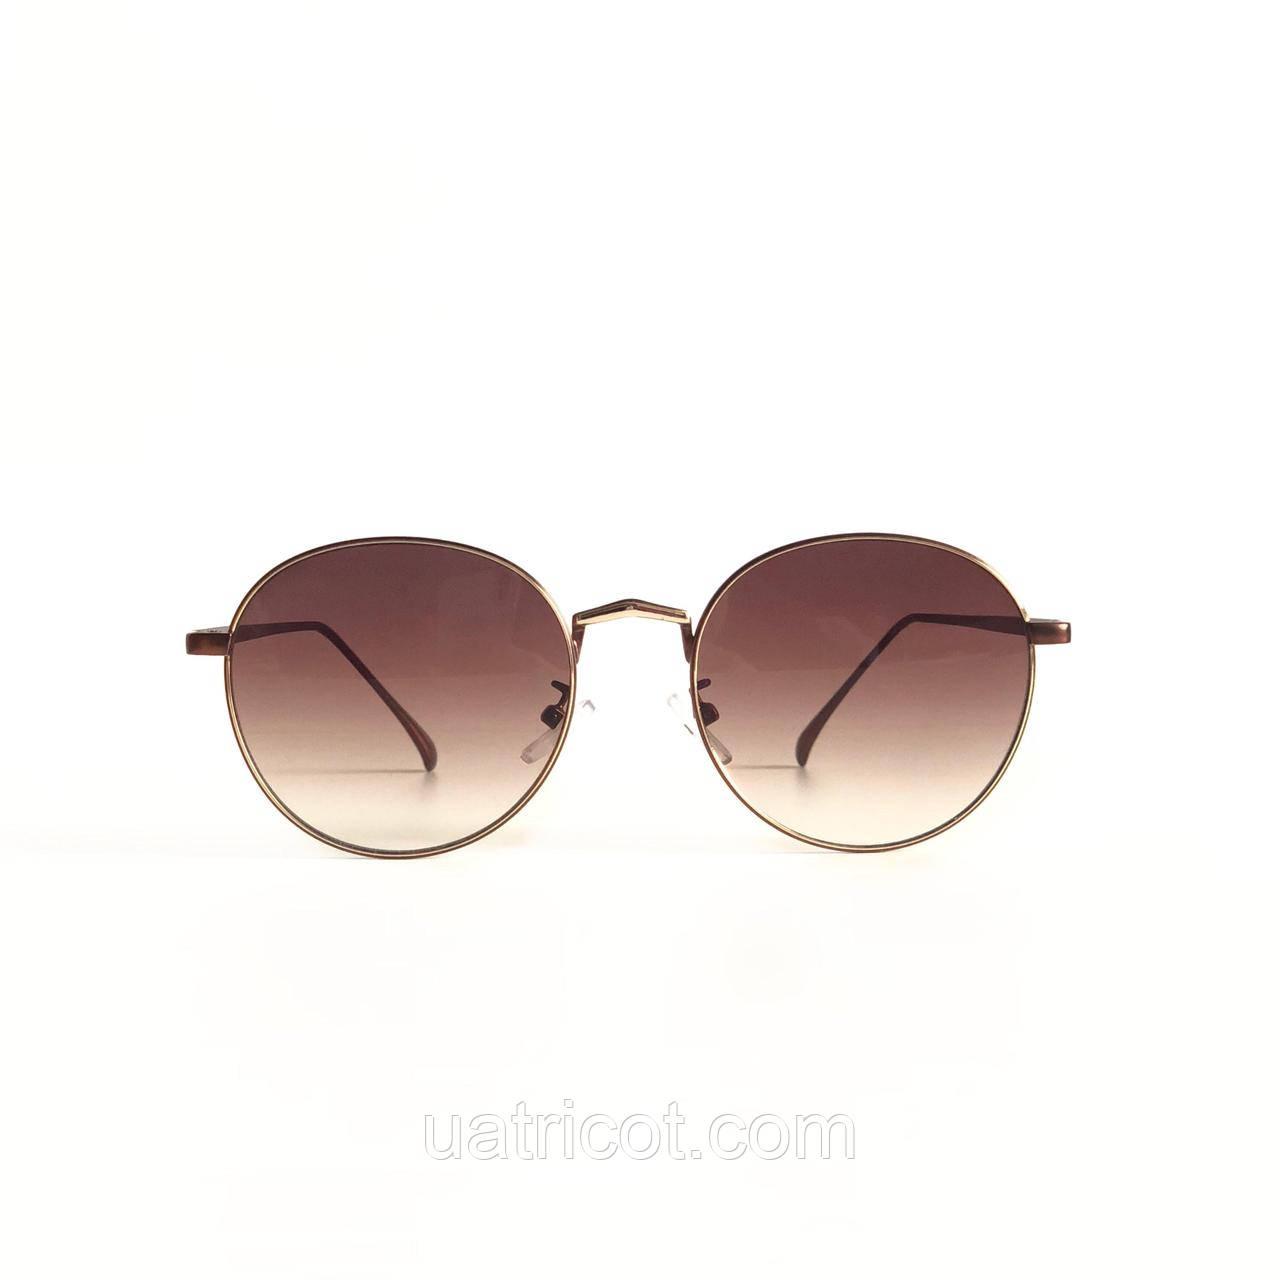 c1f206a9f67f Женские круглые солнцезащитные очки в медной оправе с коричневыми линзами -  Интернет-магазин